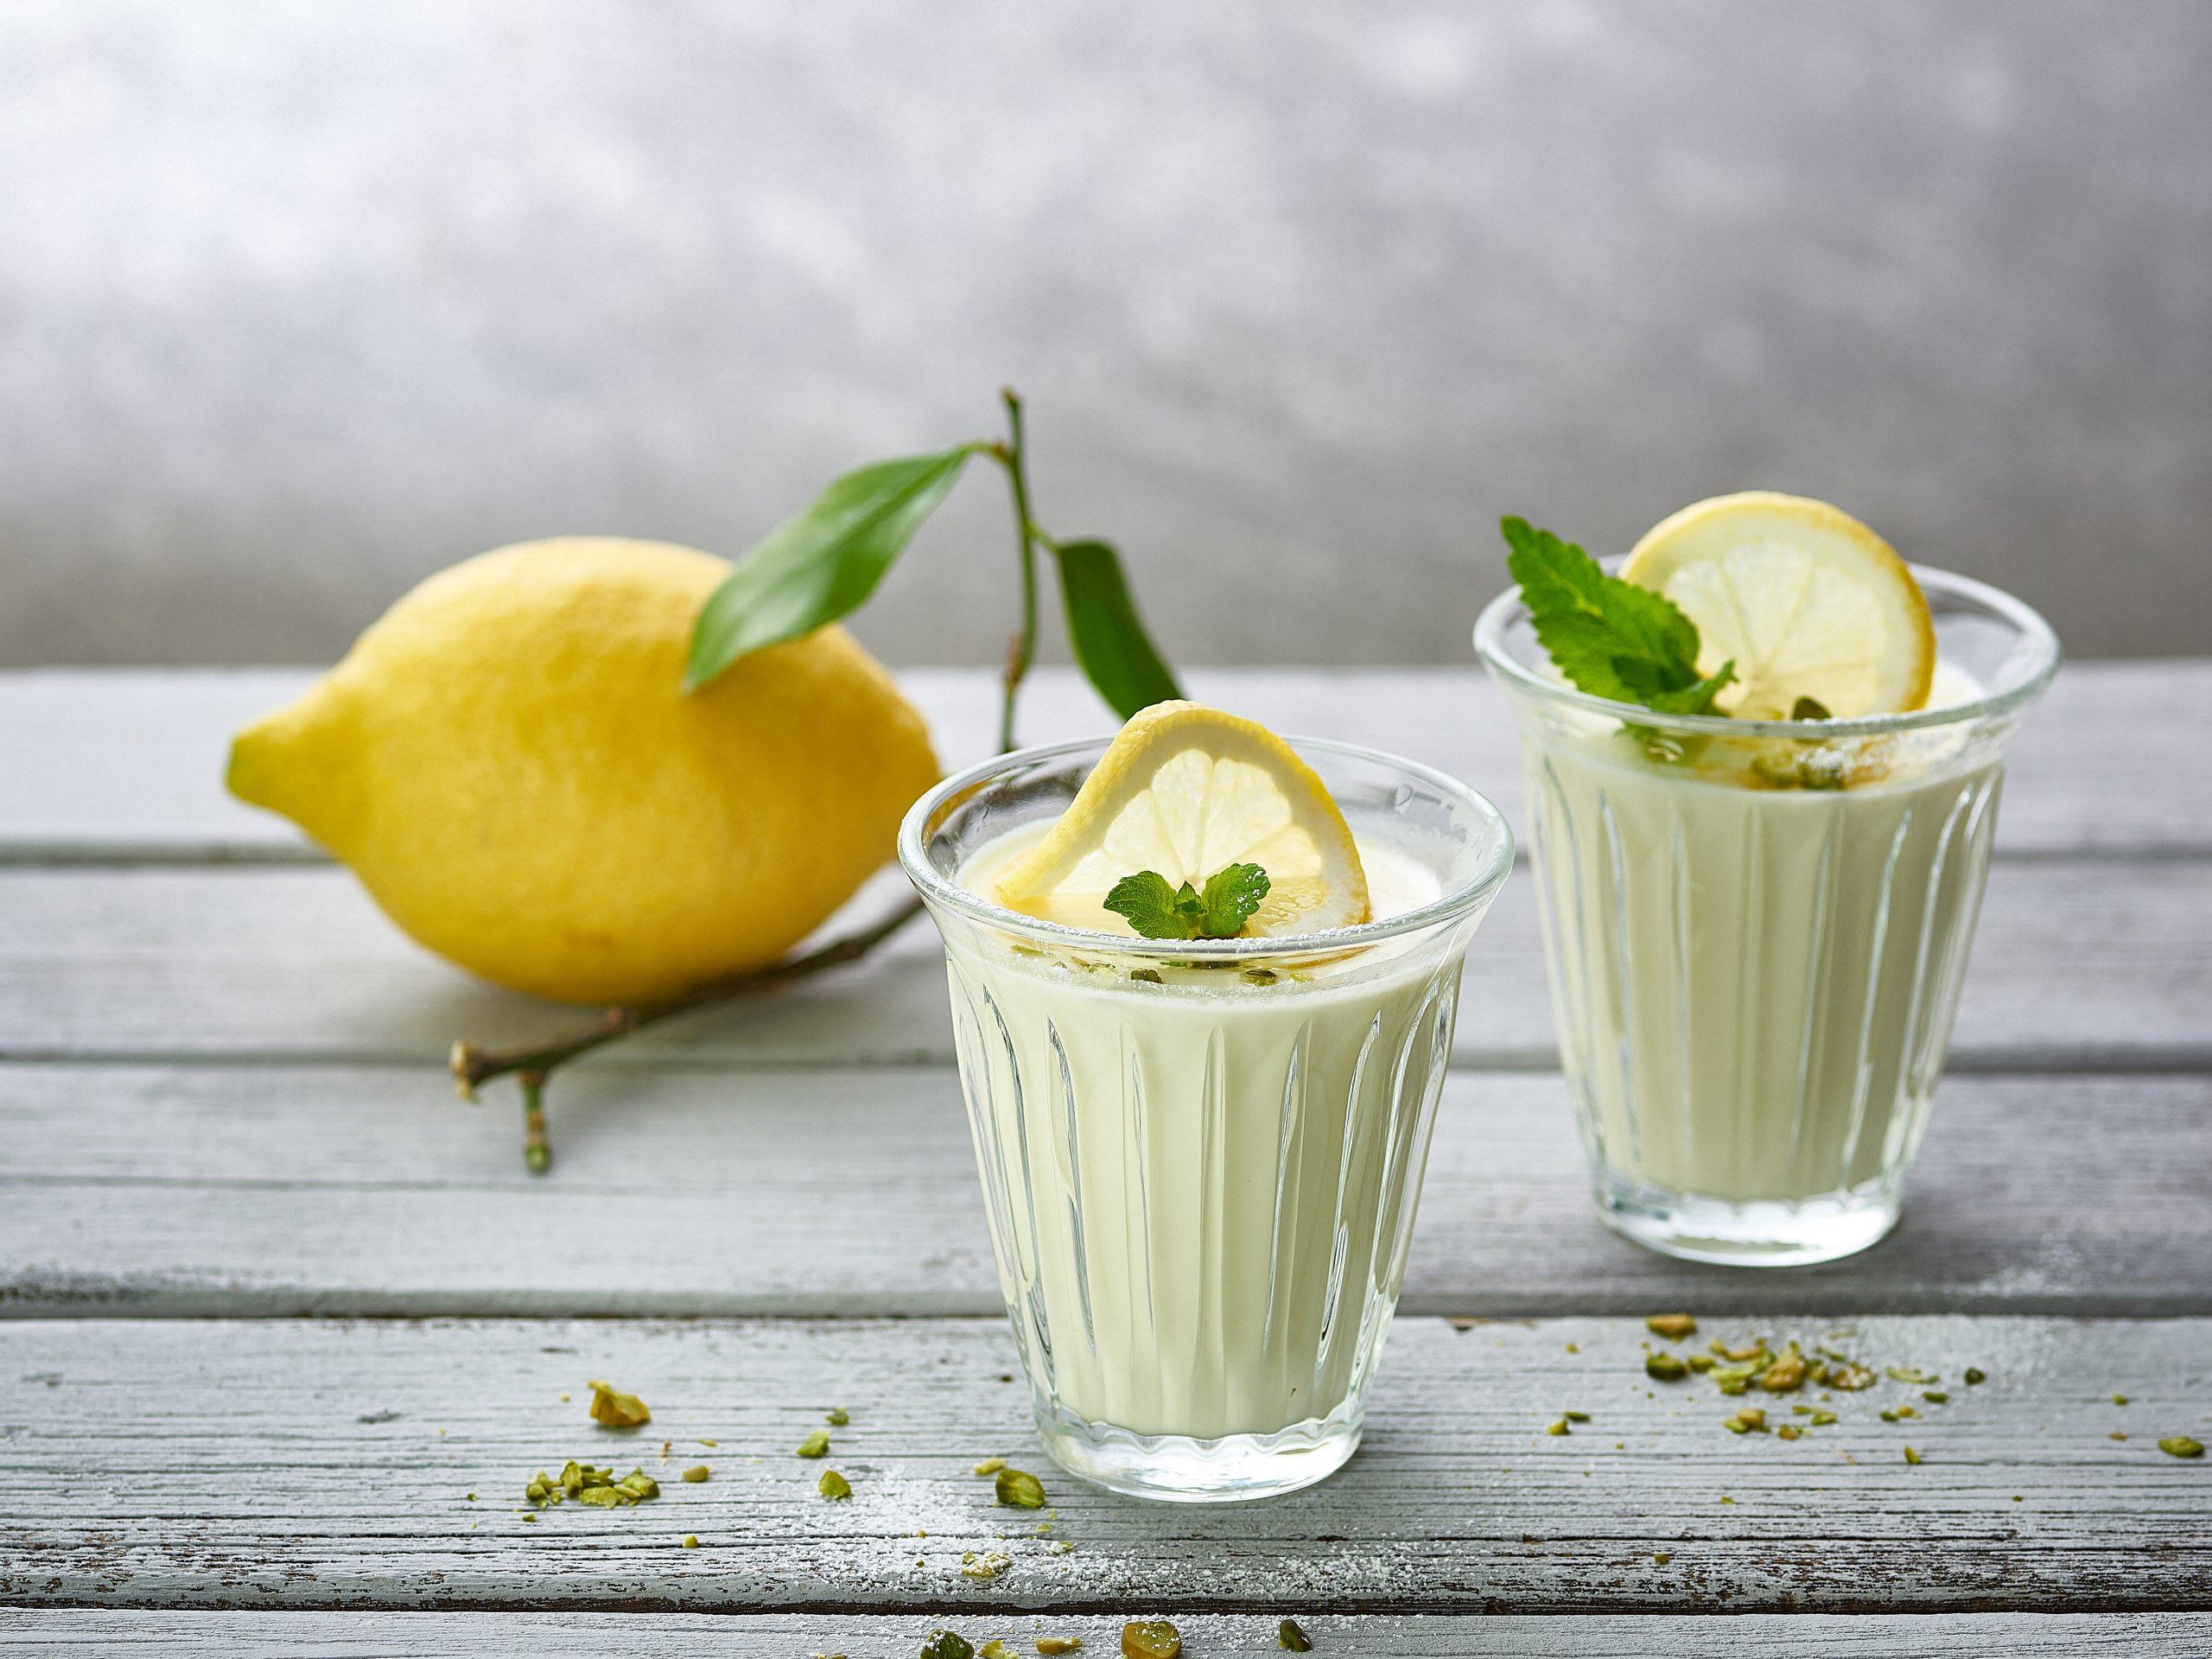 Zitronen-Panna-cotta